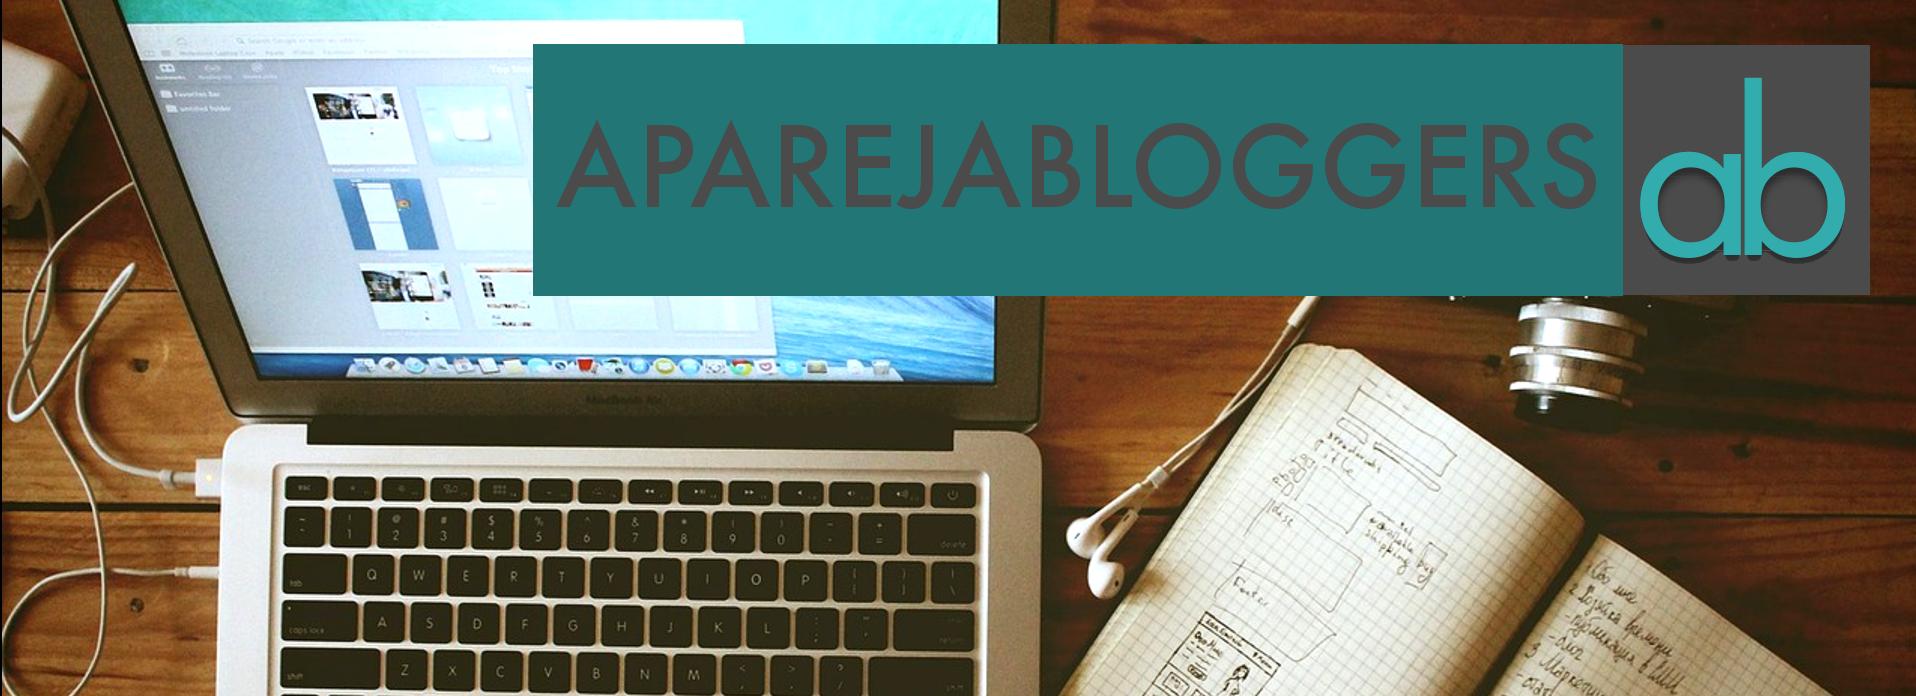 Blogs sobre edificación con nombres y apellidos.